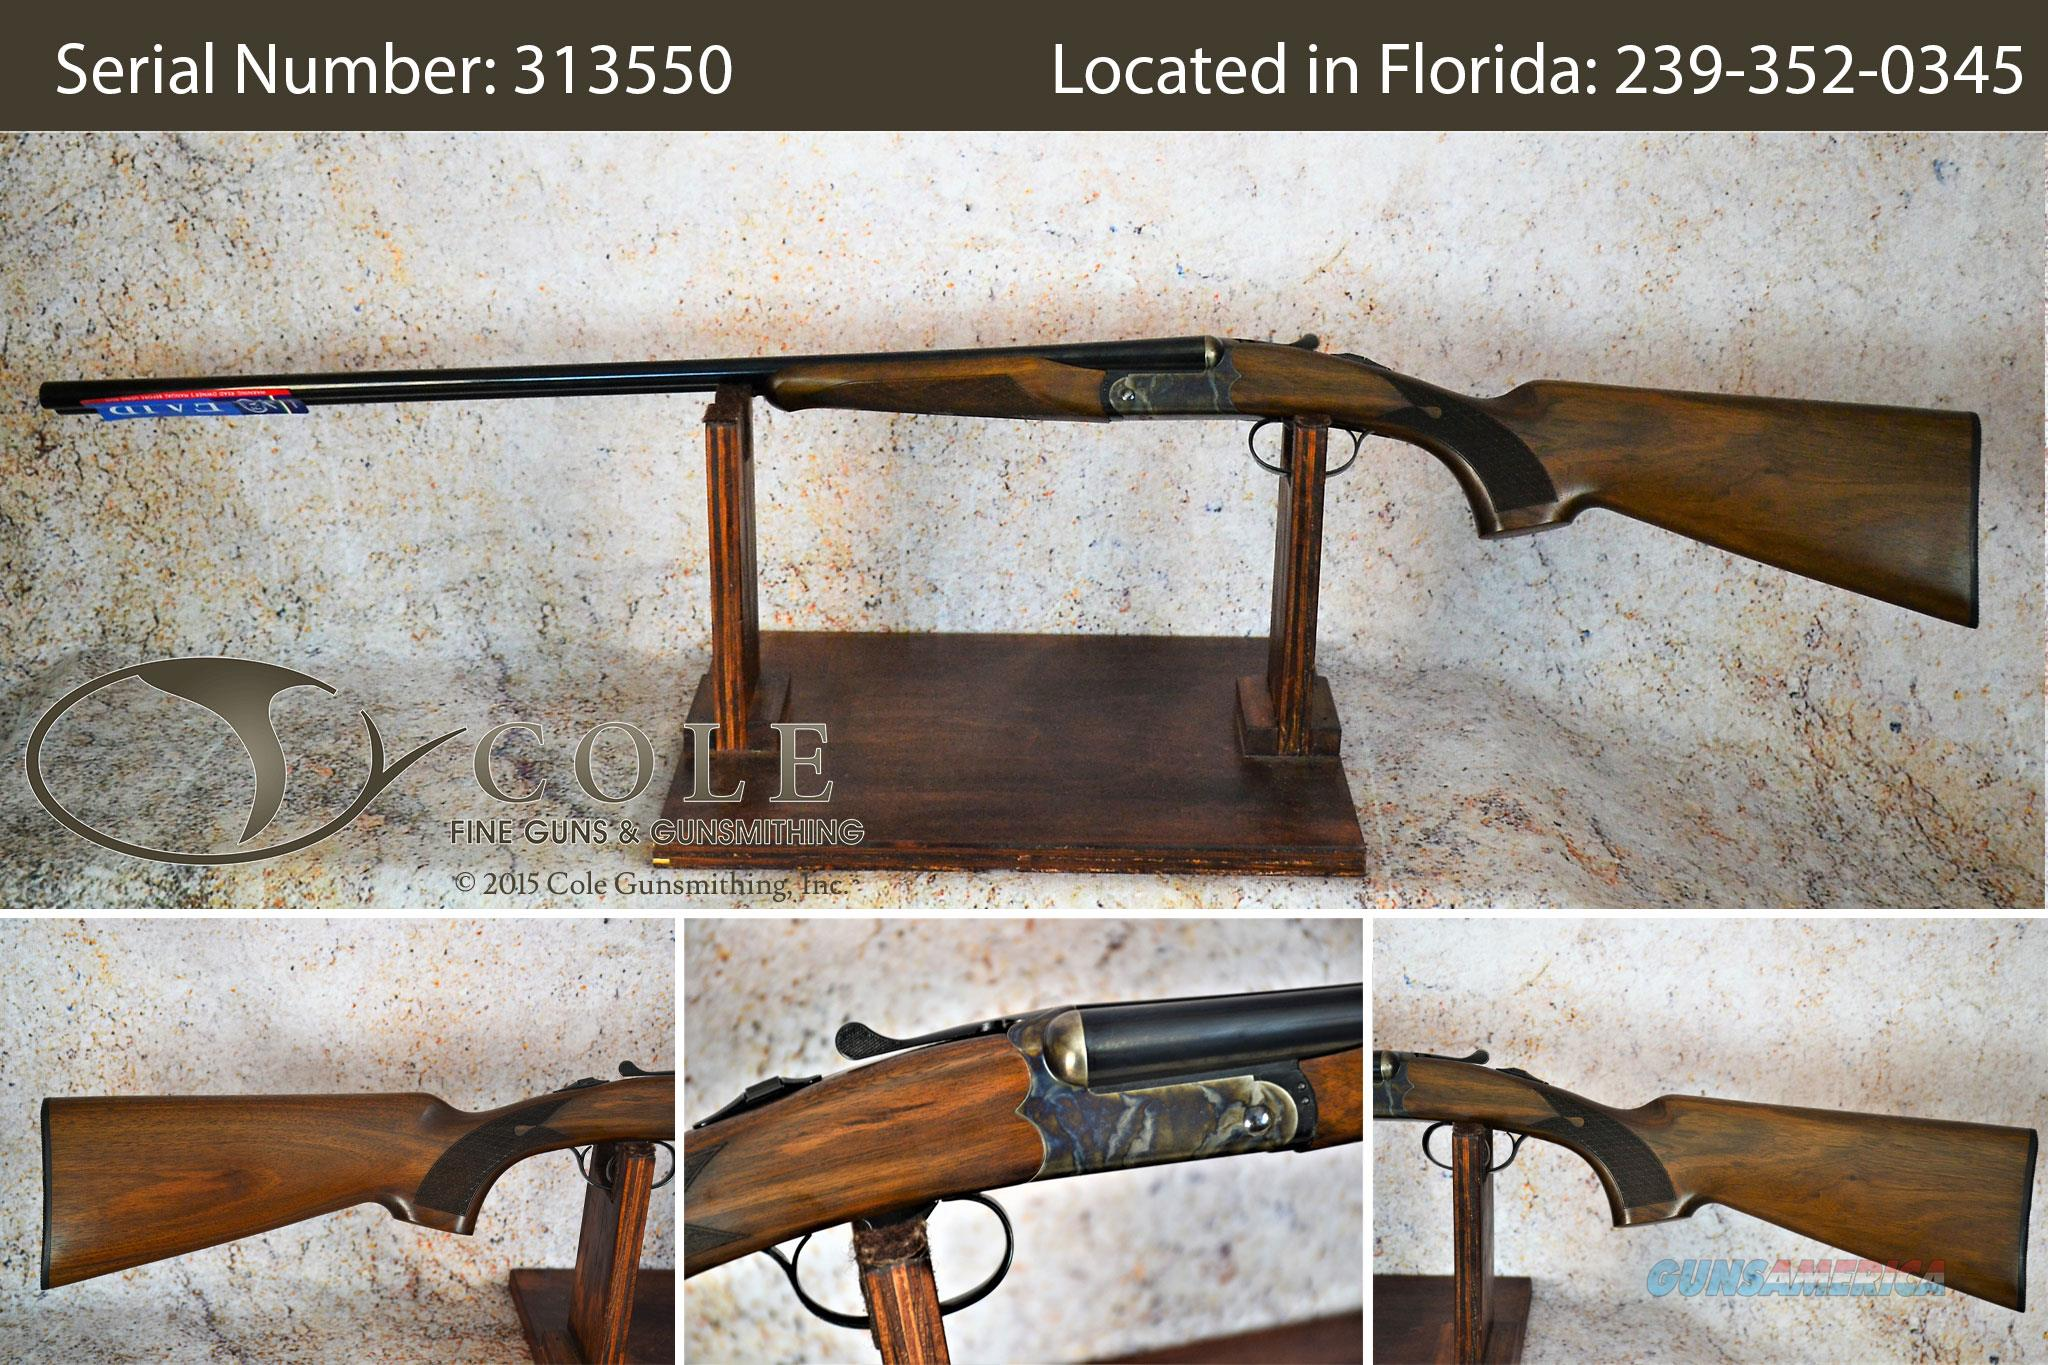 """F.A.I.R. Iside Field 28g 28"""" SN:#313550  Guns > Shotguns > FAIR Shotguns"""